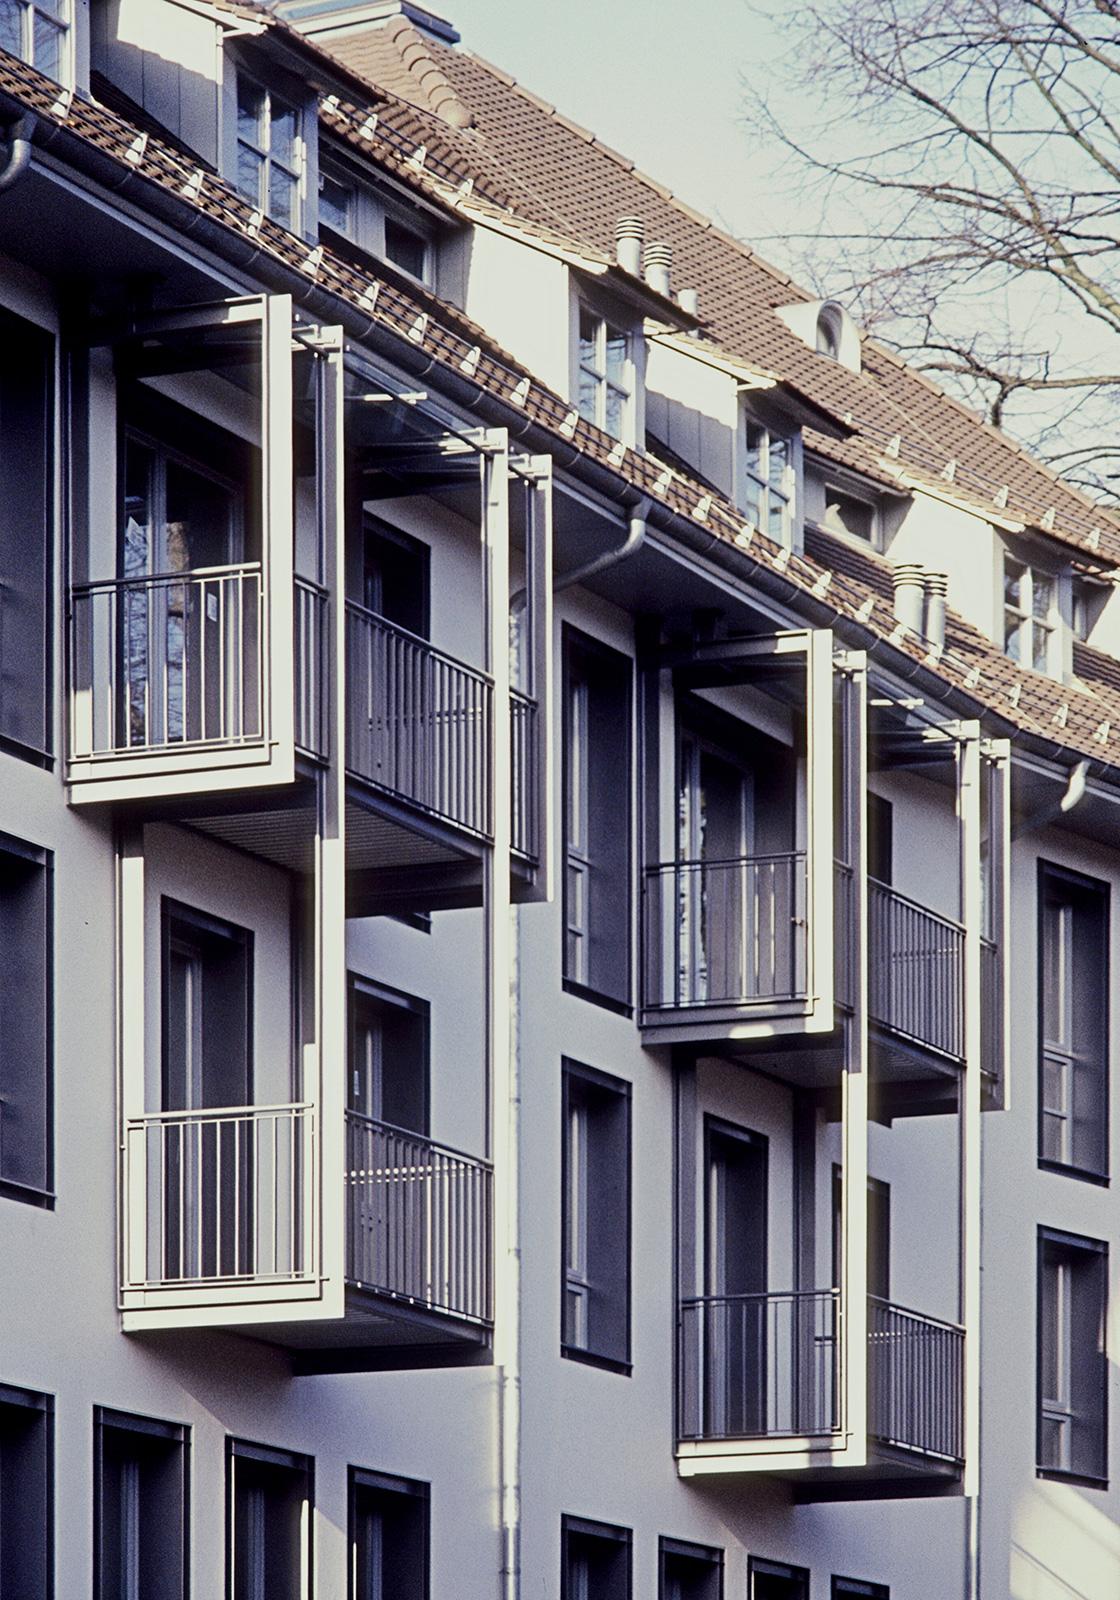 8315 Altstadtüberbauung Bärenhof